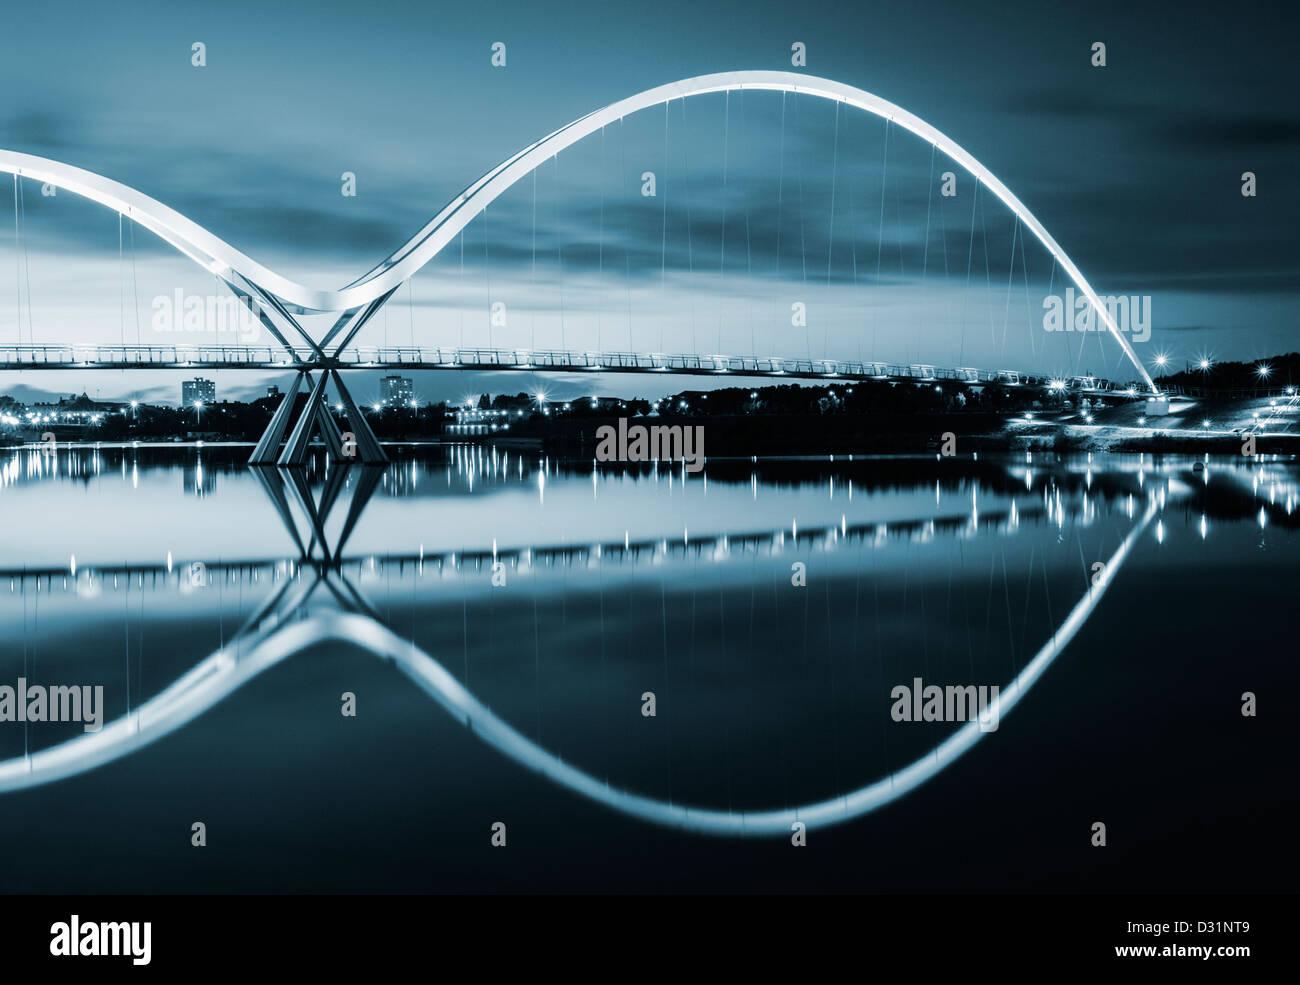 Pont de l'infini, Stockton on Tees, Cleveland, England, UK Banque D'Images